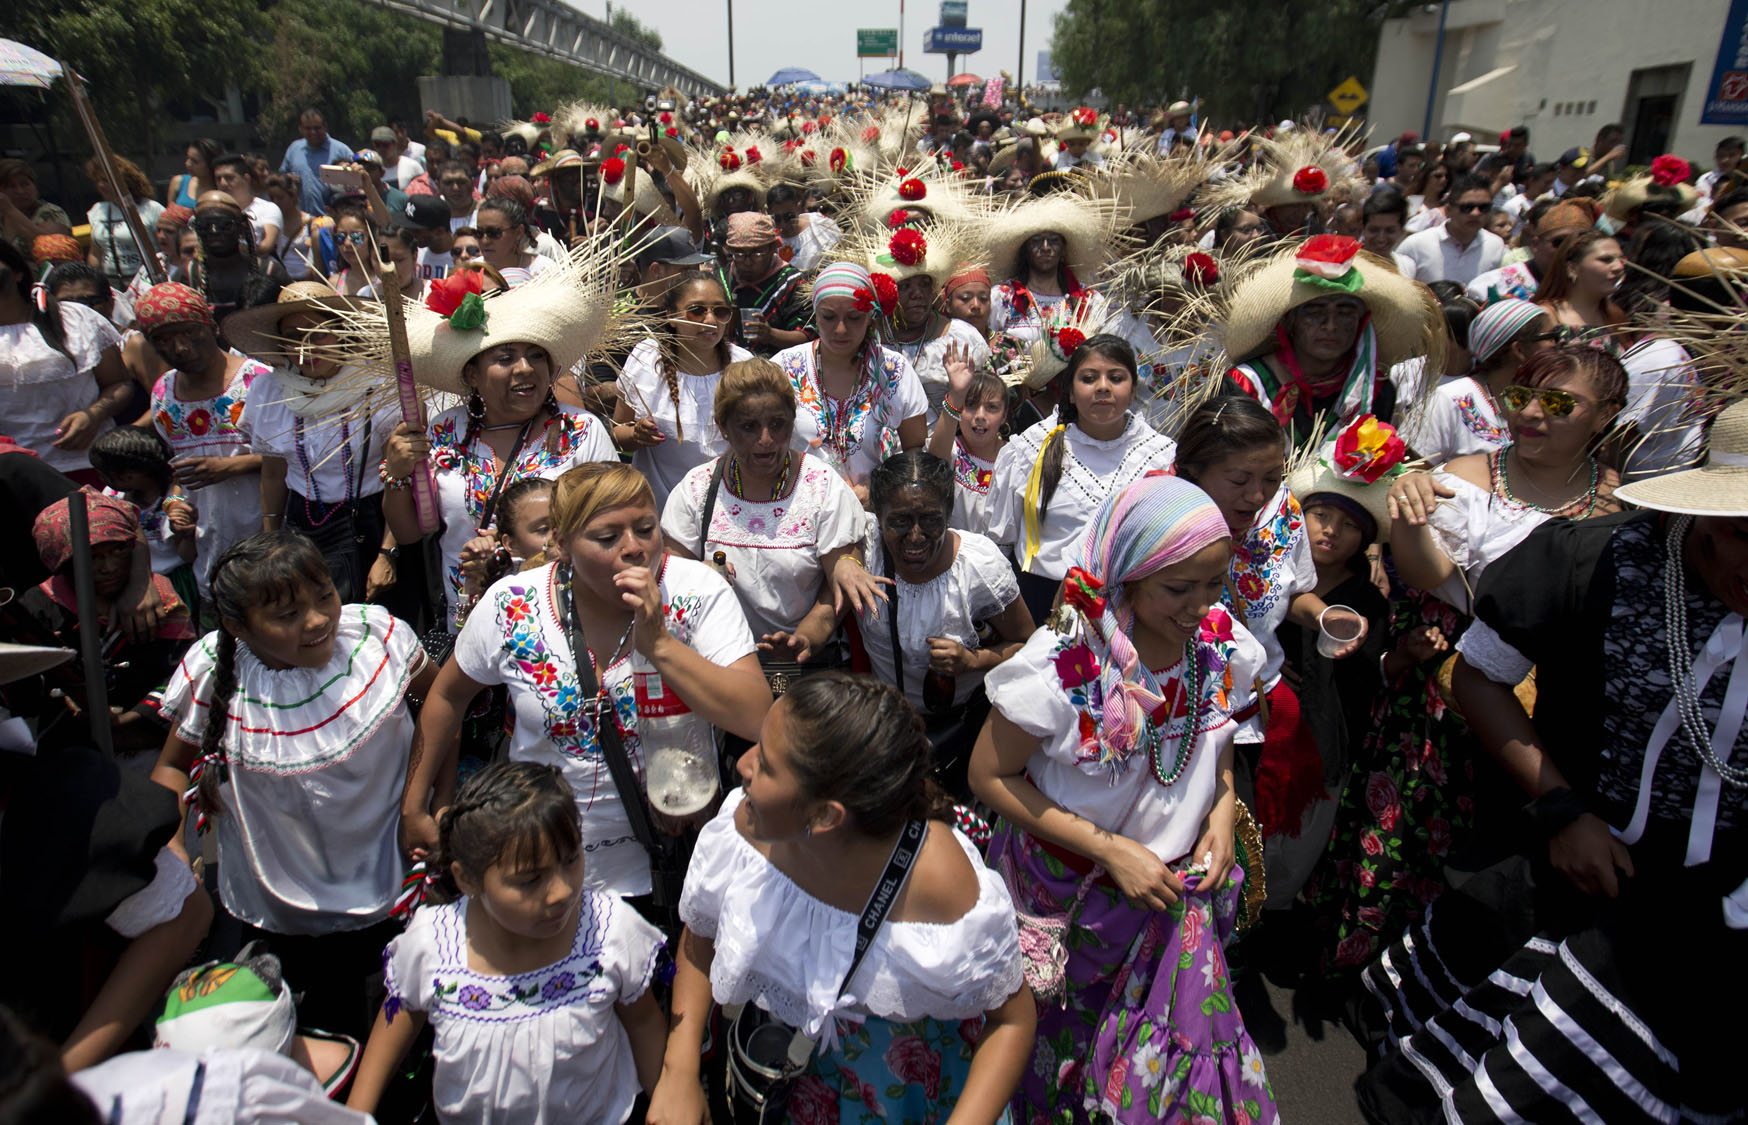 f7275a6c179f3 Cinco de Mayo celebrated in U.S.